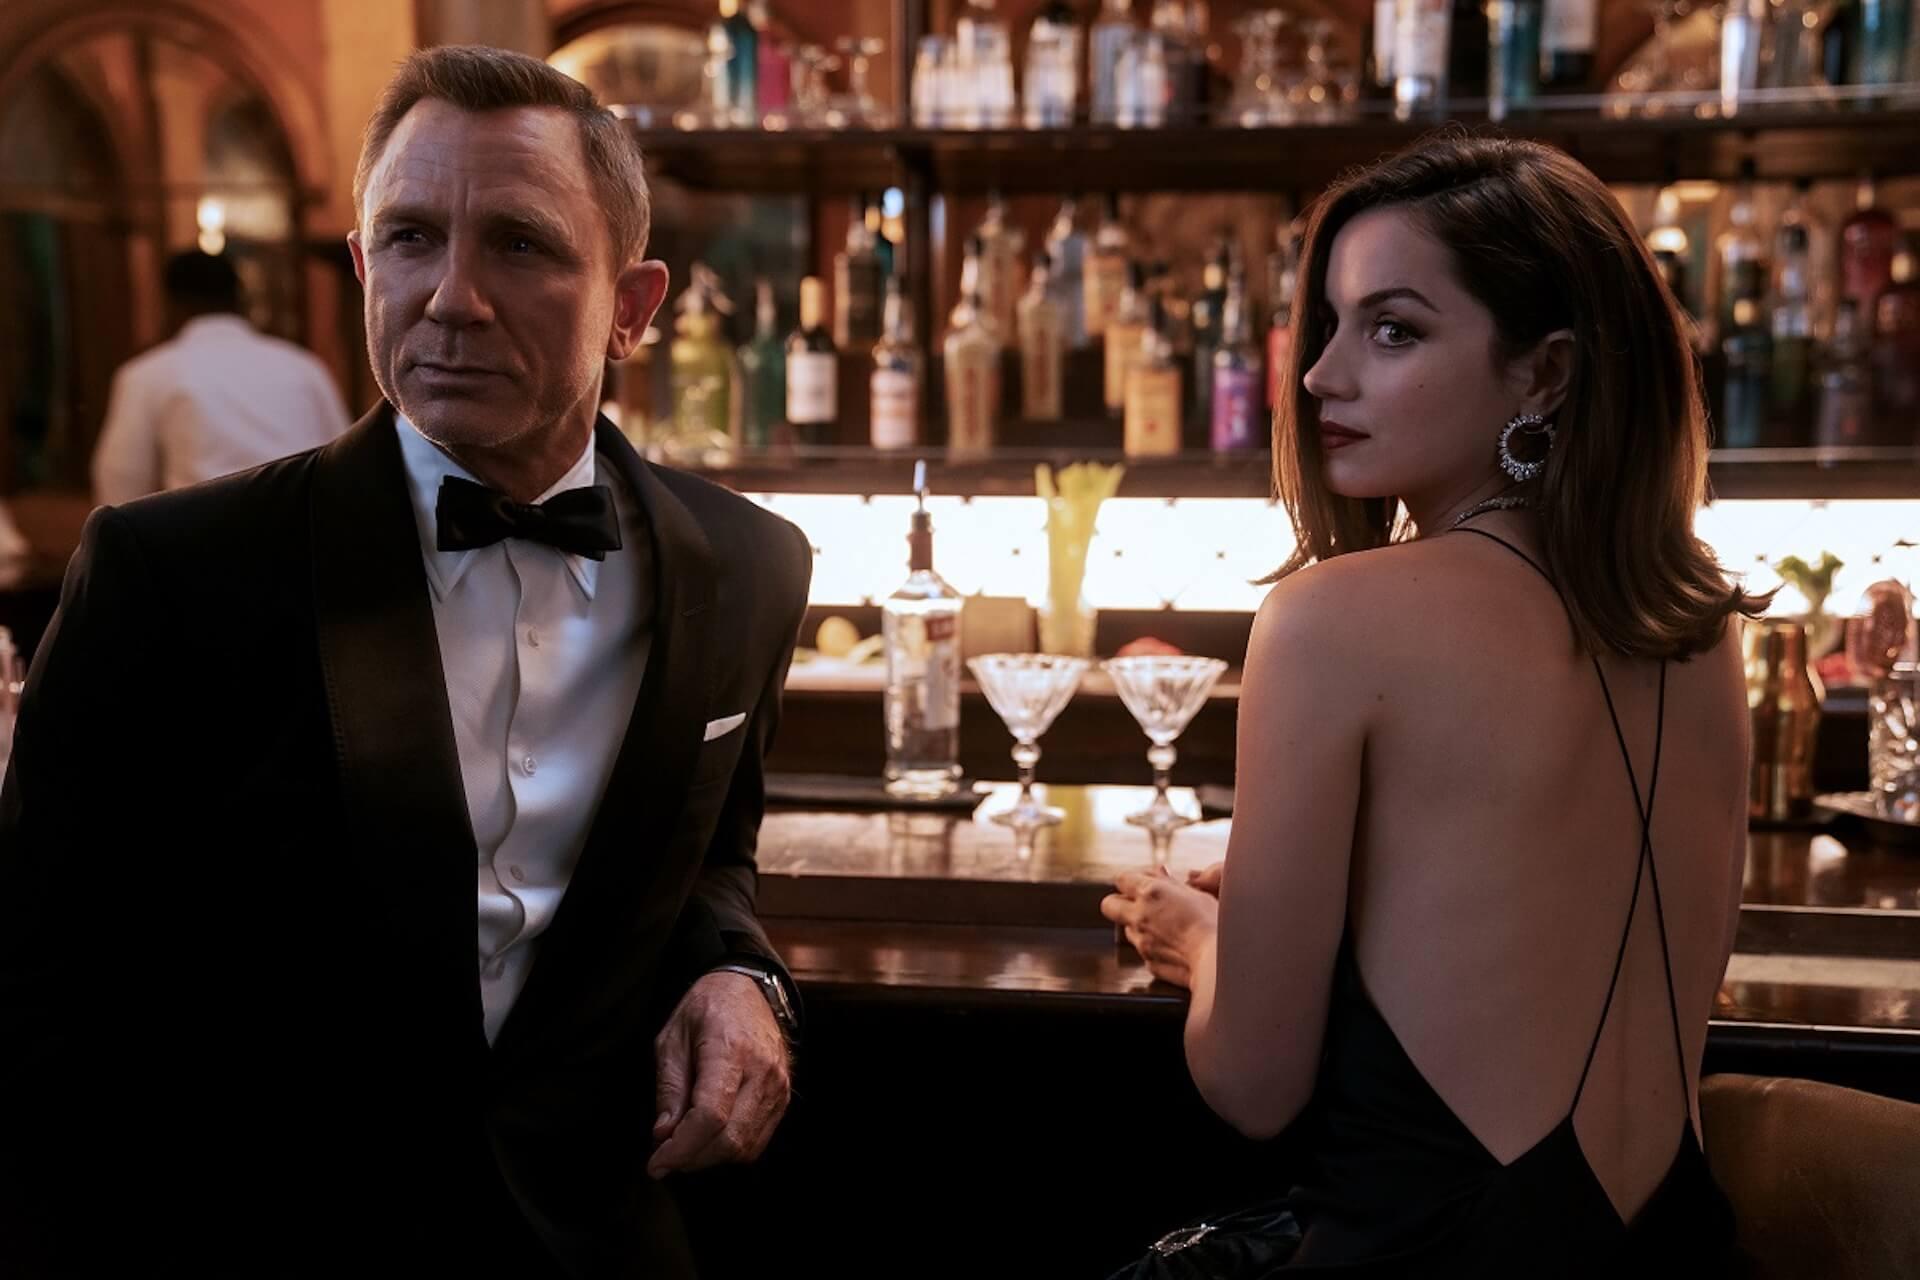 ついにジェームズ・ボンドが帰ってくる!『007/ノー・タイム・トゥ・ダイ』の新予告&日本版ポスタービジュアル解禁 film200918_007_5